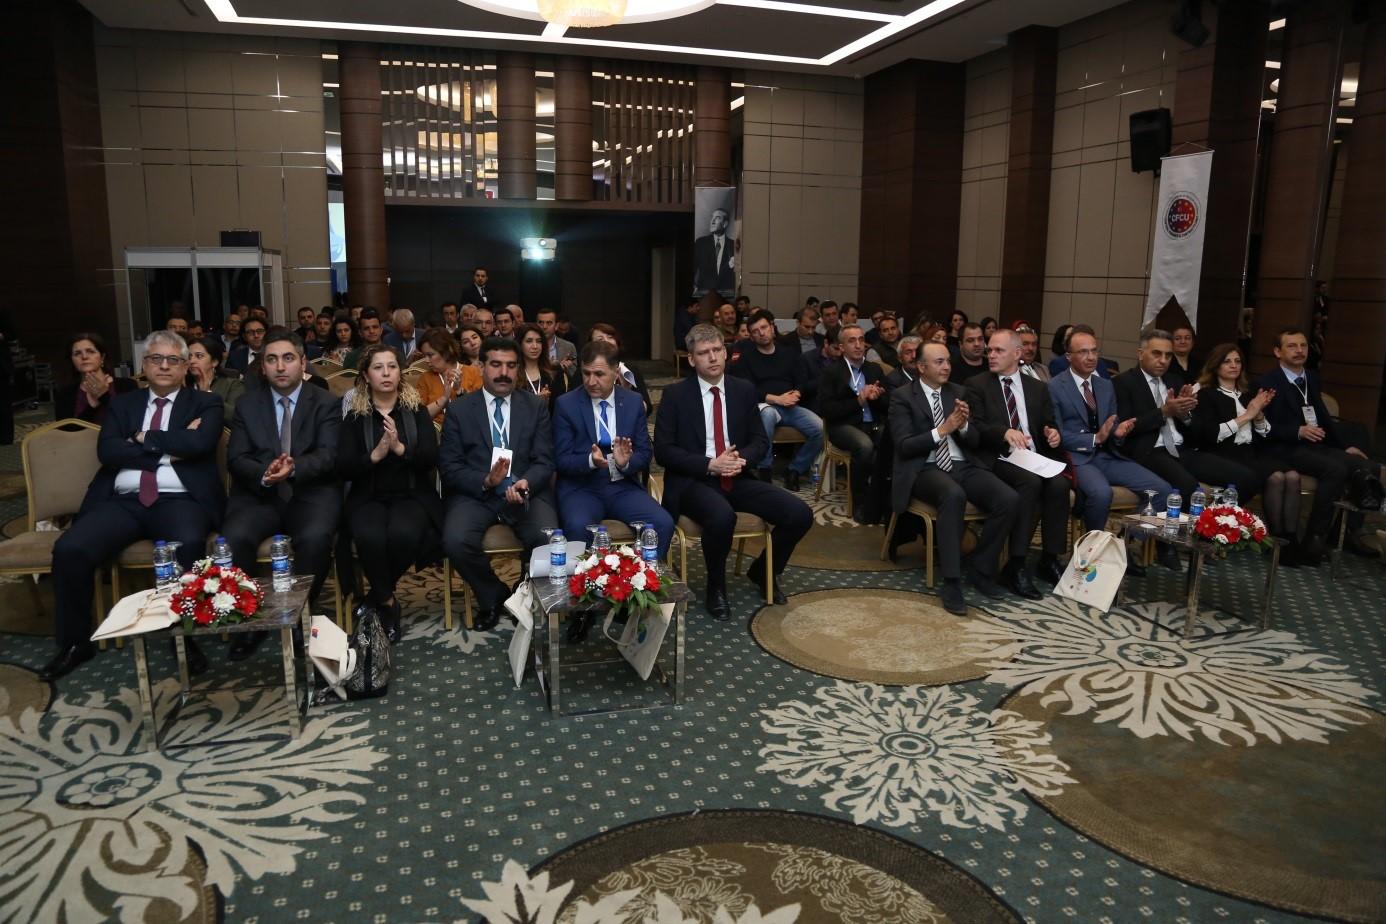 Kirletici Salım ve Taşıma Kaydı Projesi Kapanış Toplantısı Gerçekleştirildi